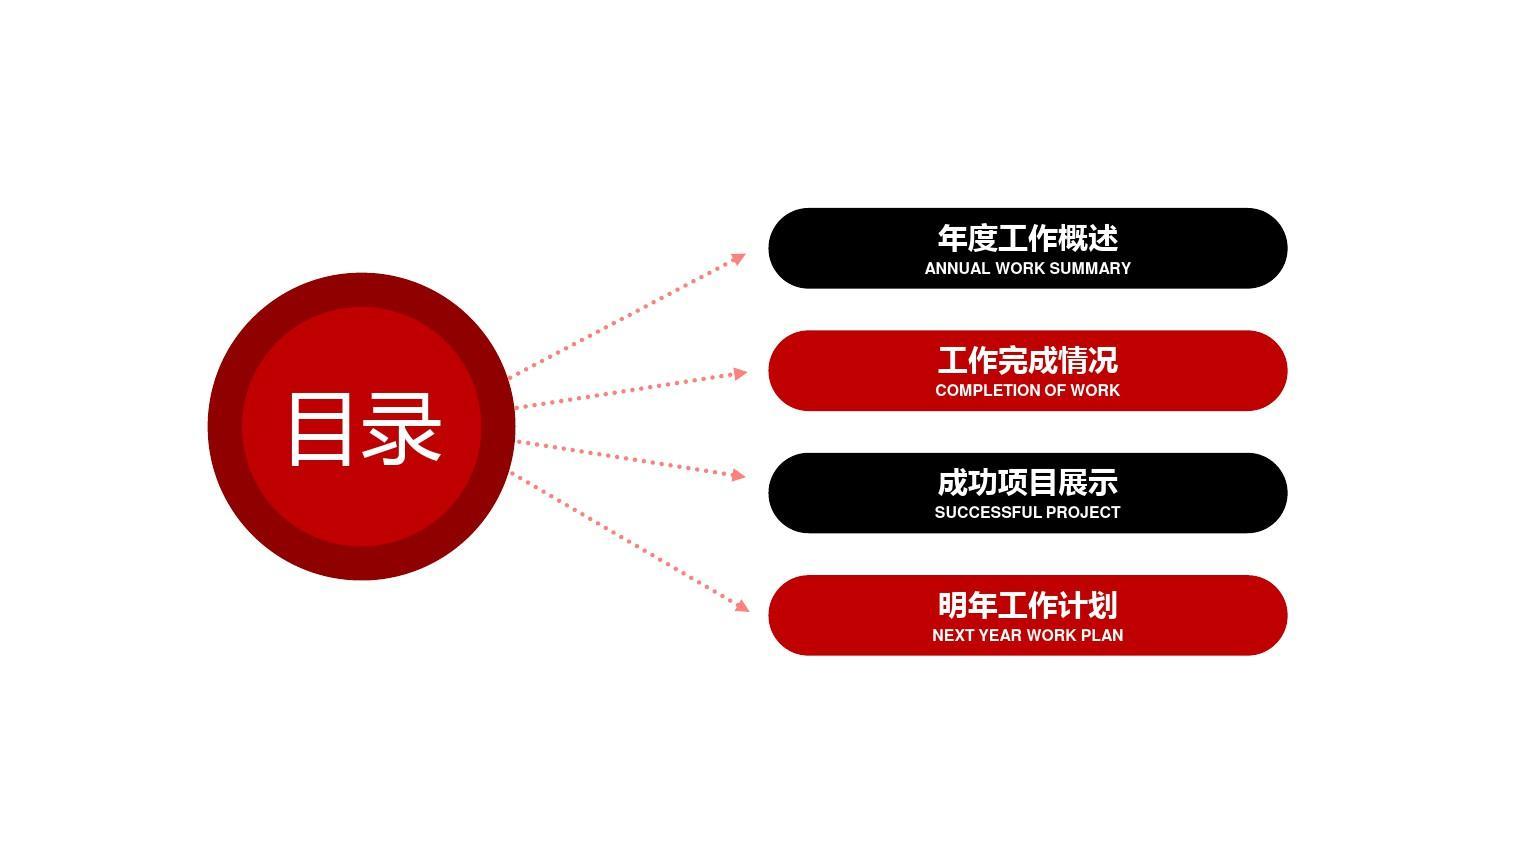 消防安全知識消防救火簡潔商務風通用動態ppt模板素材圖片